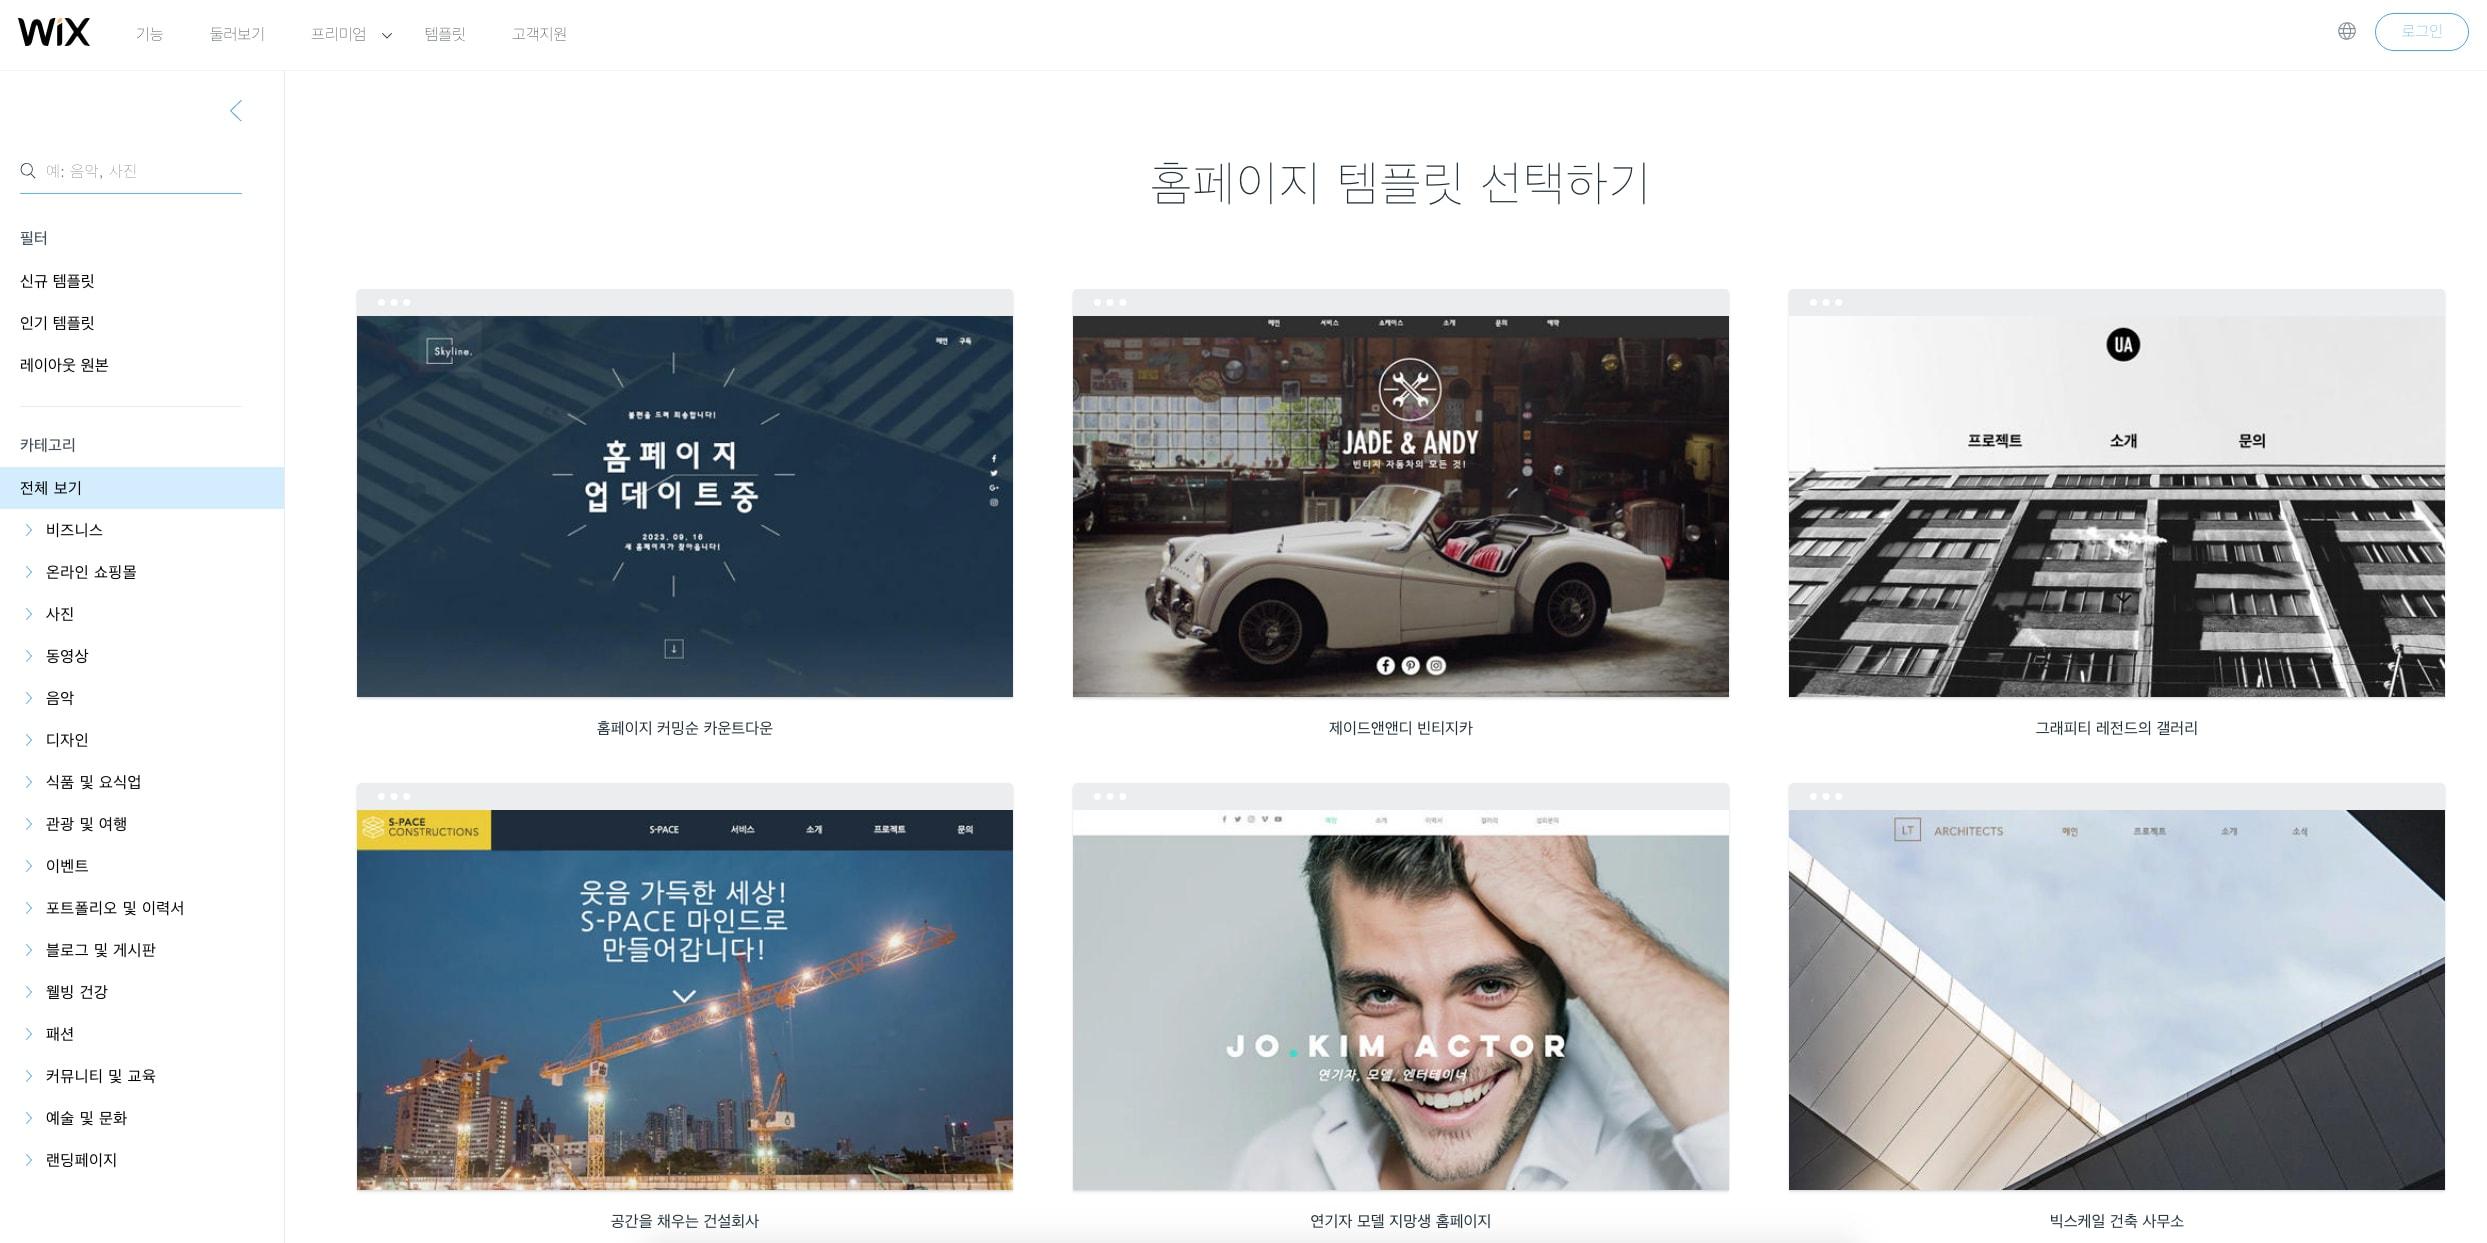 쉽게 Wix 웹 사이트를 만드는 9단계 2019 (+사진)